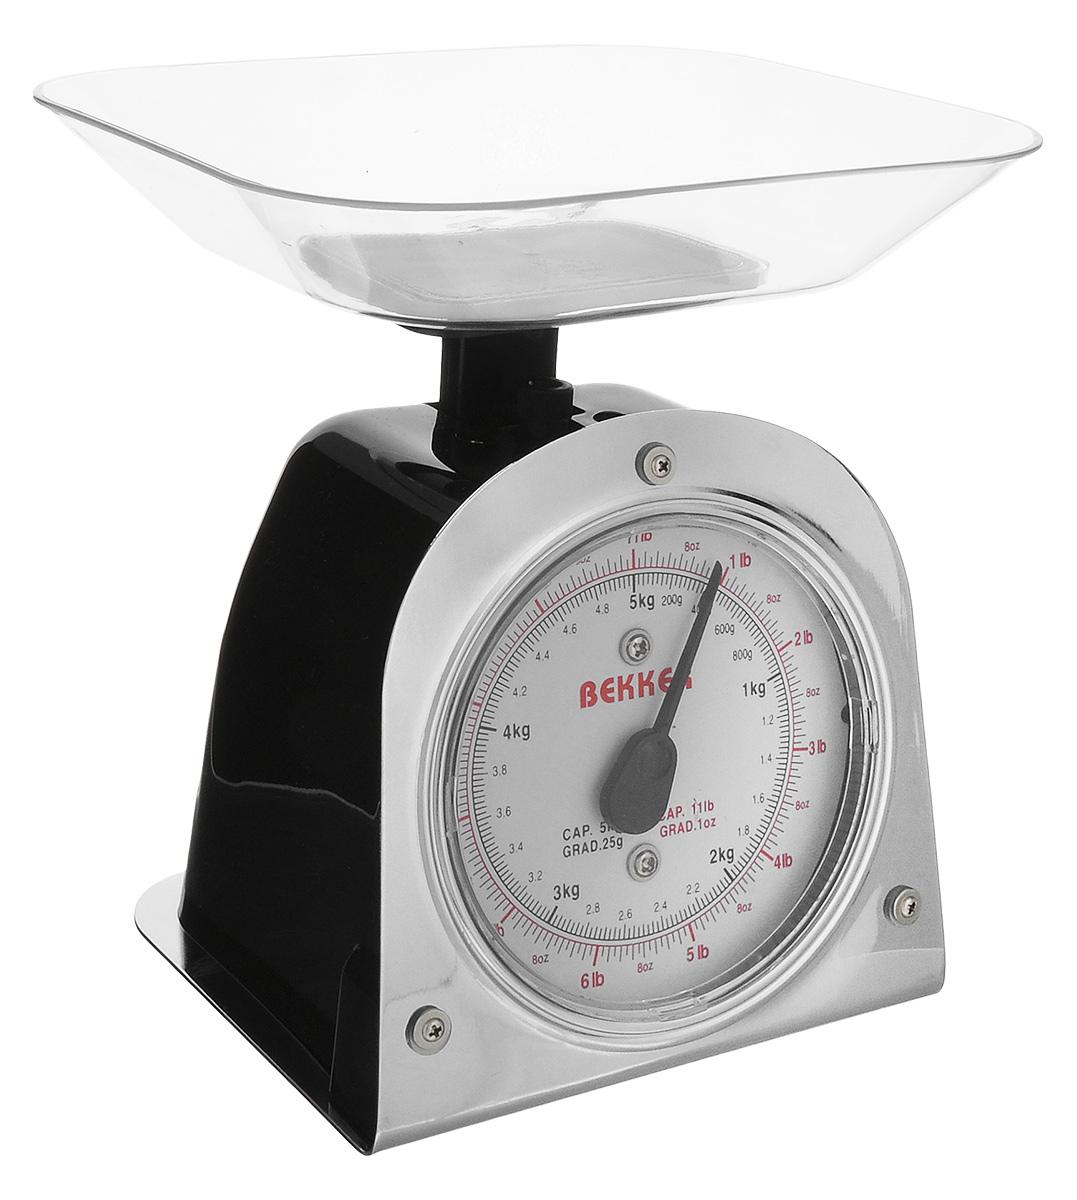 Весы кухонные Bekker Koch, цвет: черный, серебристый, до 5 кг ножи кухонные koch systeme набор ножей серии good4u 3 предмета koch systeme